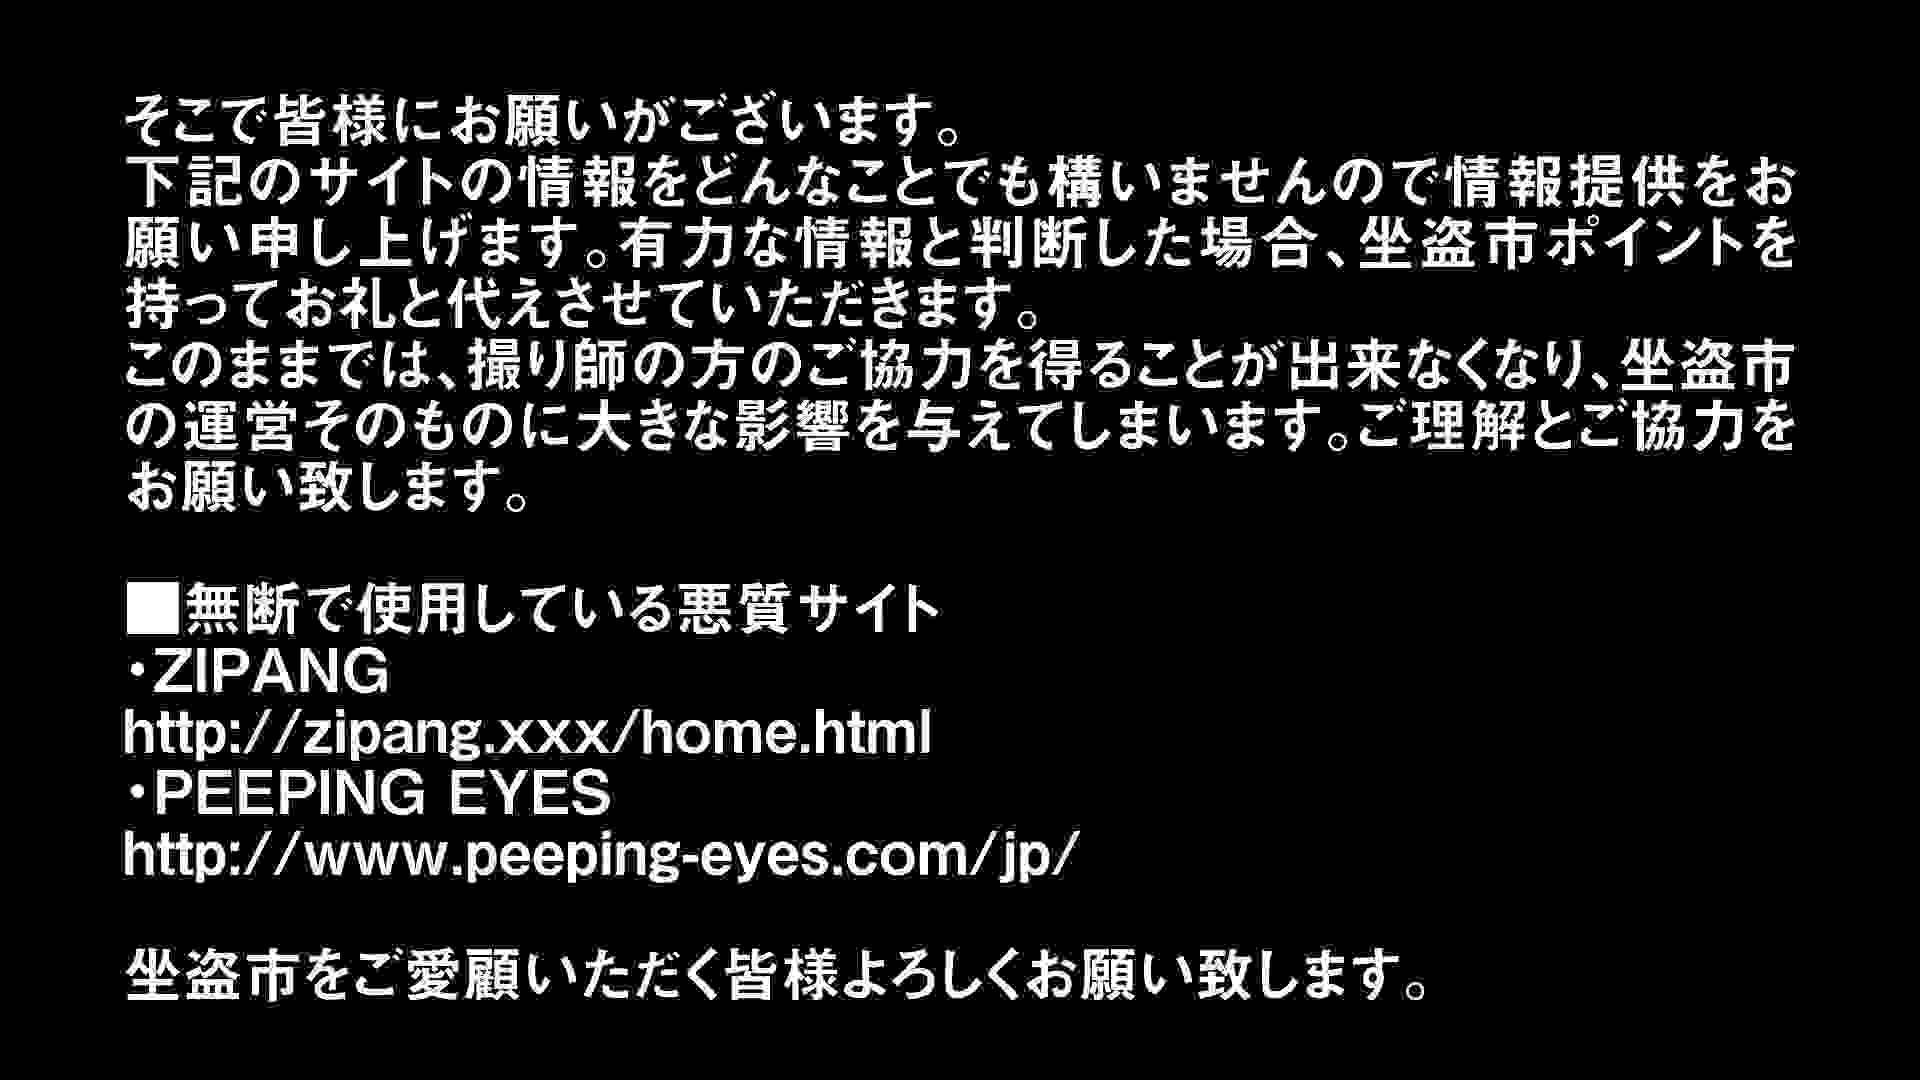 Aquaな露天風呂Vol.298 女体盗撮  60連発 15